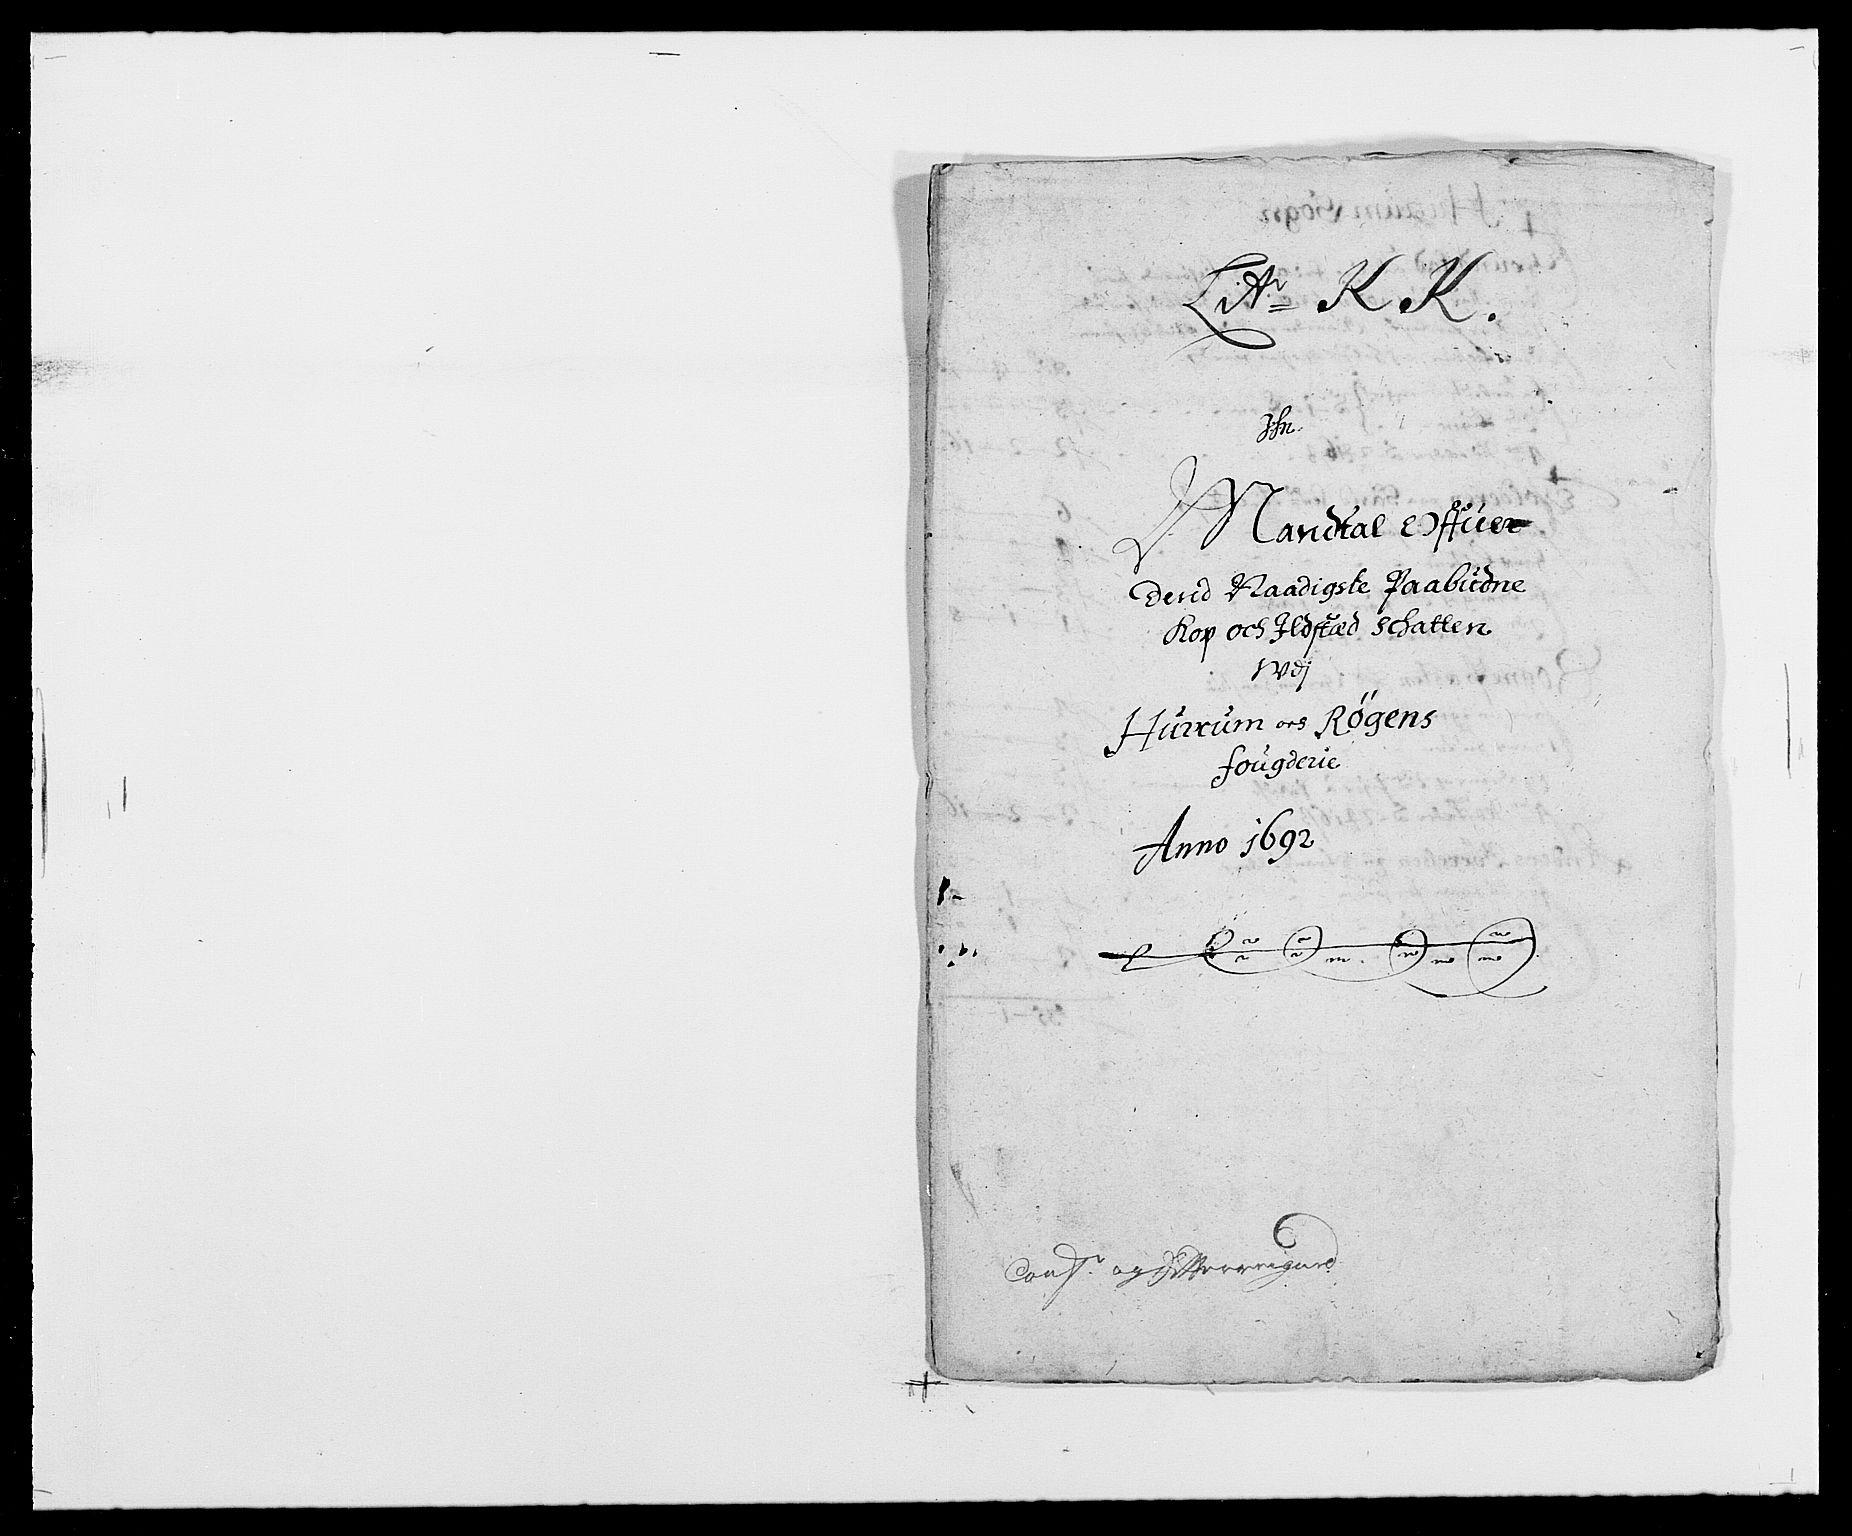 RA, Rentekammeret inntil 1814, Reviderte regnskaper, Fogderegnskap, R29/L1693: Fogderegnskap Hurum og Røyken, 1688-1693, s. 270